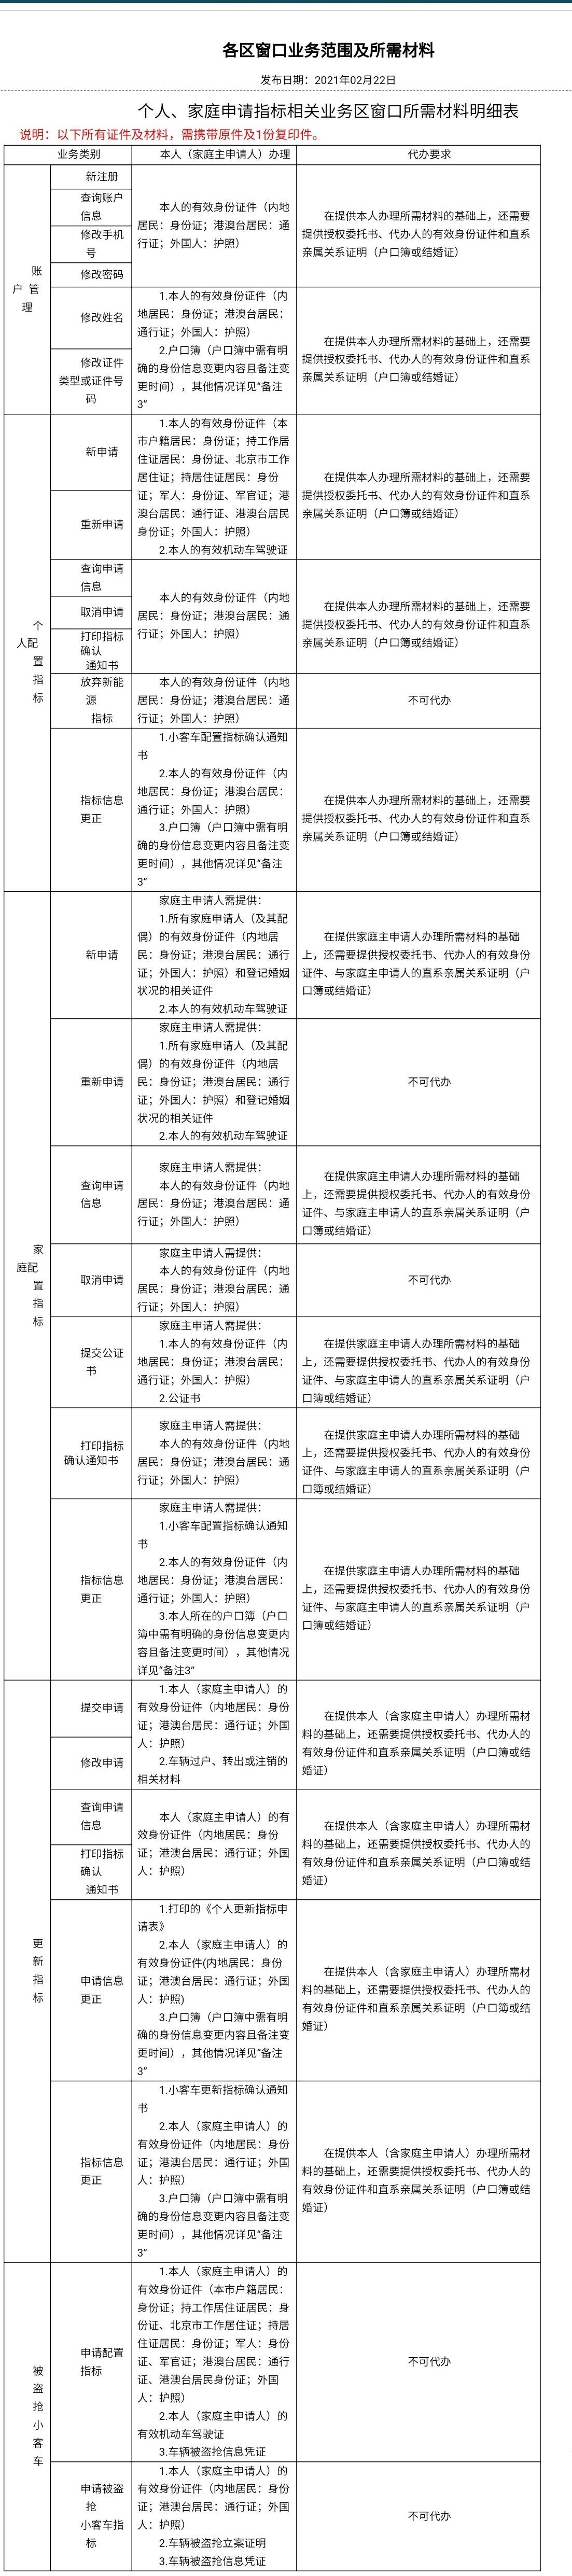 北京公布家庭申请小客车指标等业务所需材料明细单